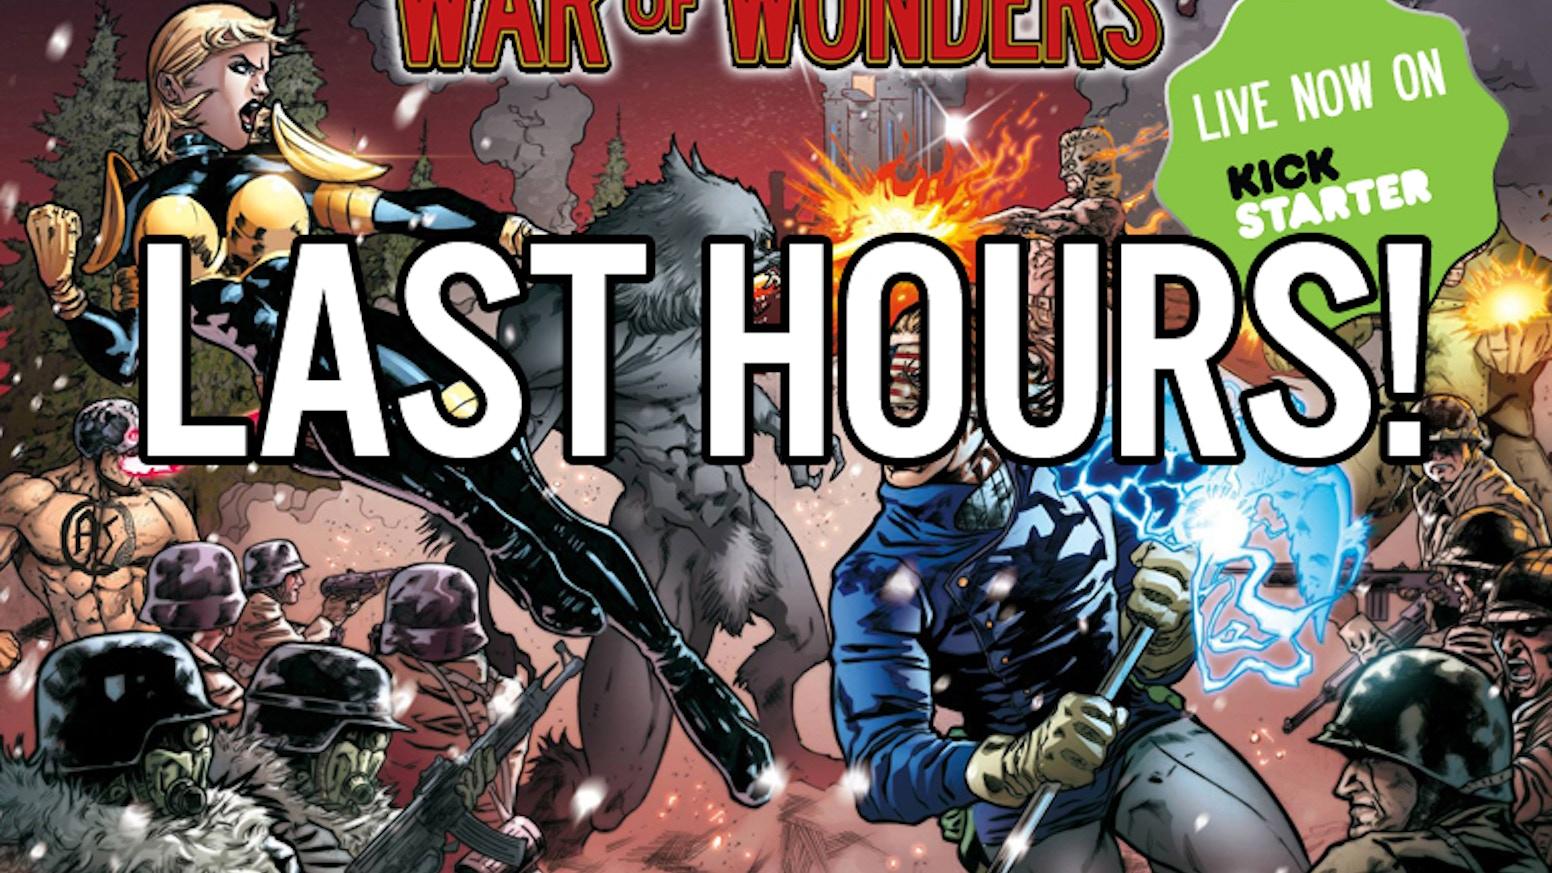 War of Wonders miniature game - Superheroes fighting in WWII